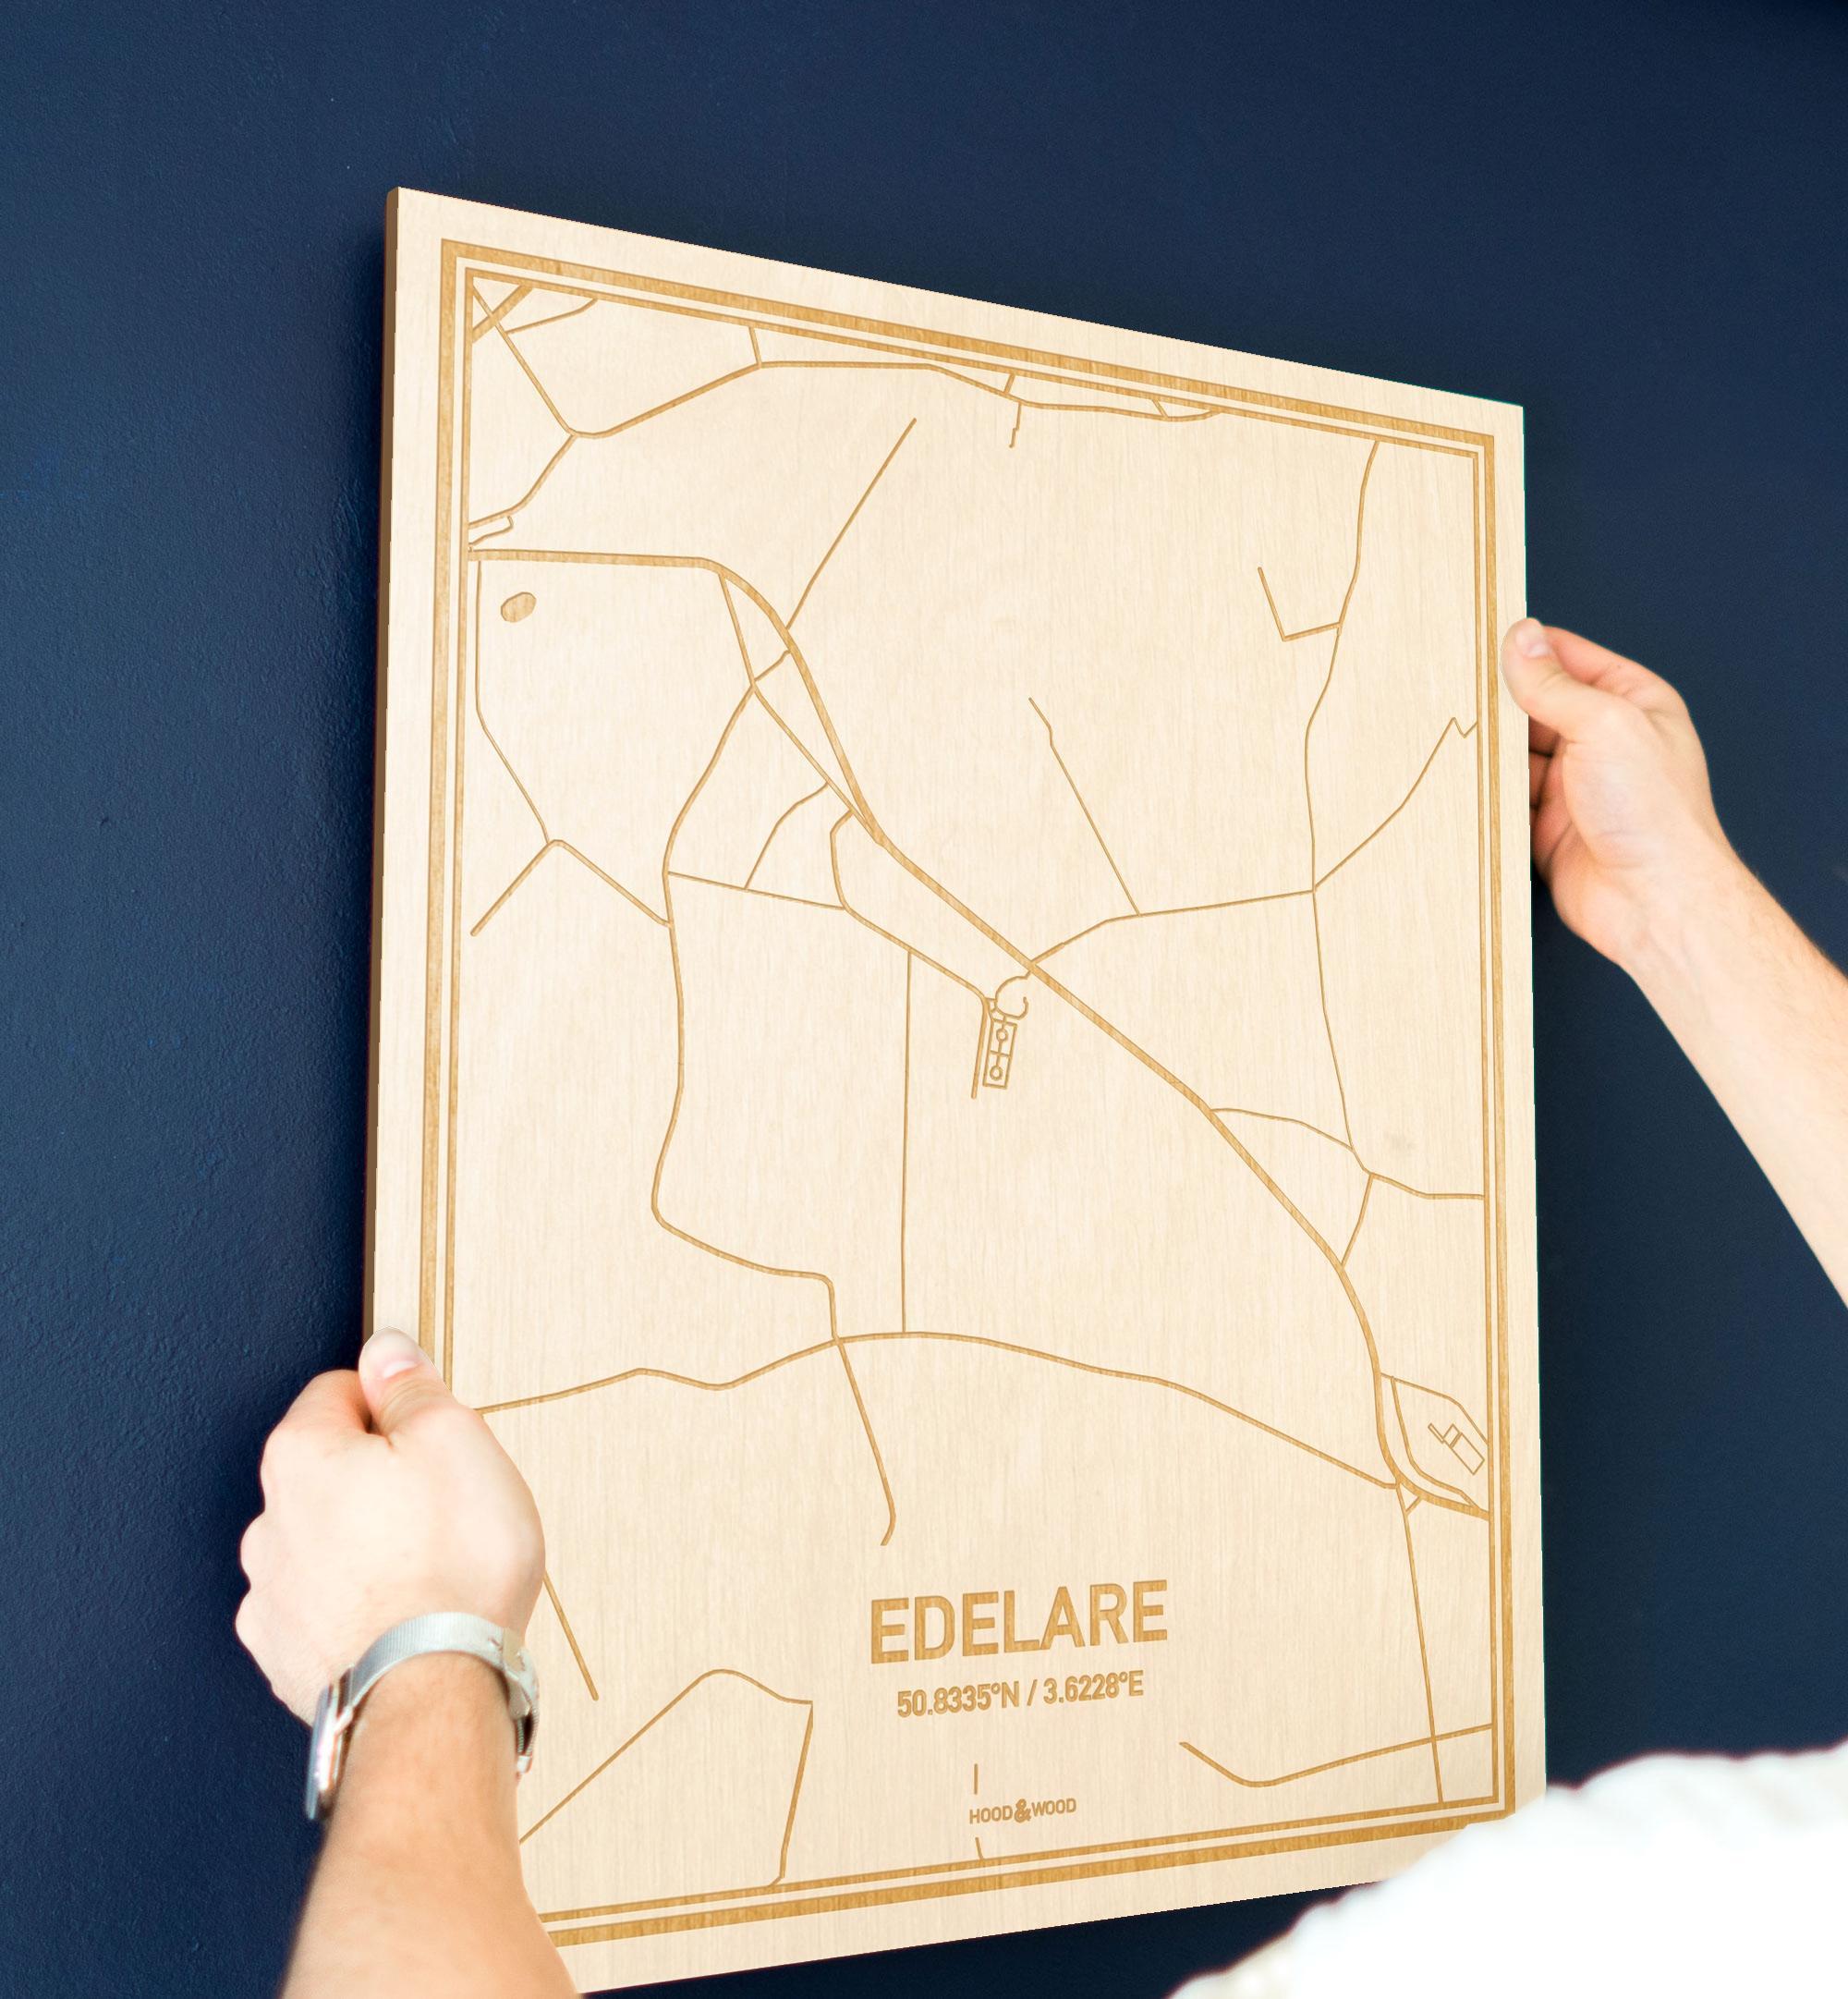 Een man hangt de houten plattegrond Edelare aan zijn blauwe muur ter decoratie. Je ziet alleen zijn handen de kaart van deze opvallende in Oost-Vlaanderen  vasthouden.